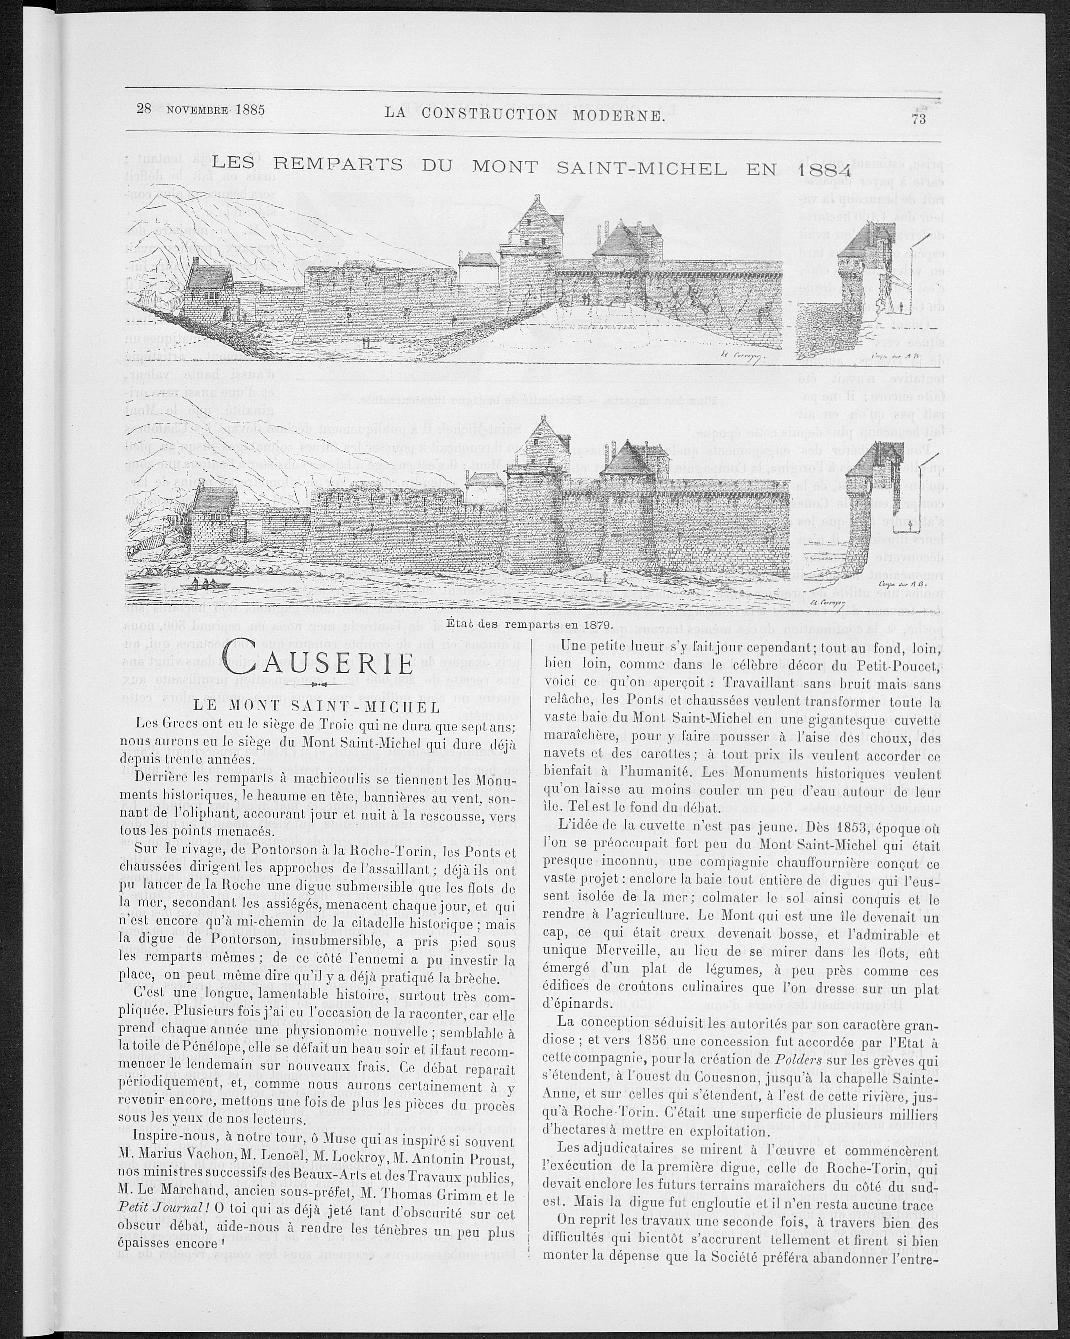 La Construction moderne, no. 7, 1885 |